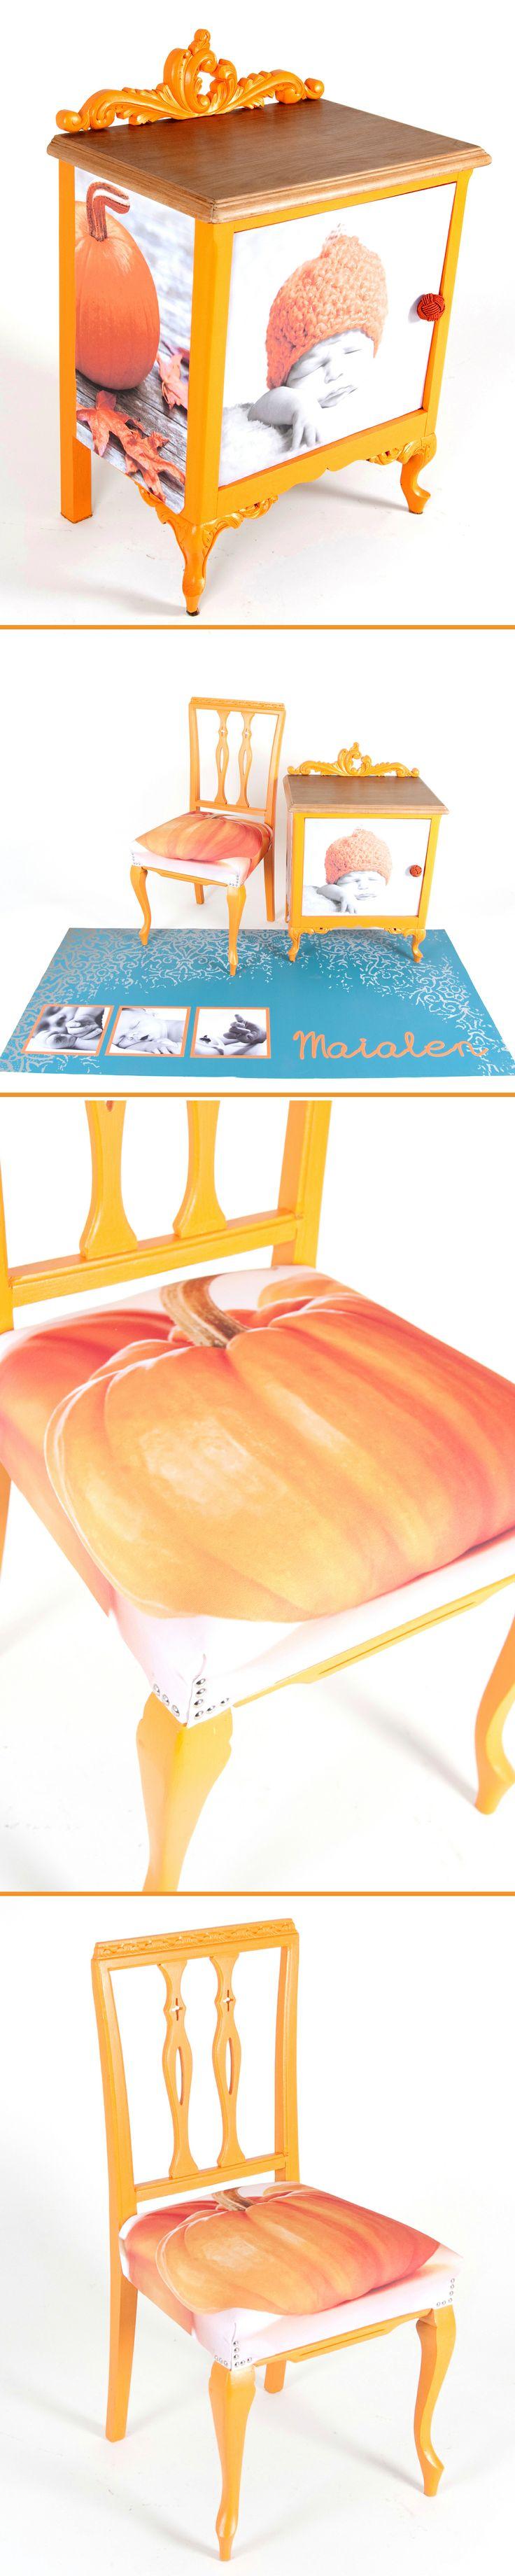 Reciclaje de mobiliario. Lijado pintado y encerado para la mesita. Decorado con vinilos a juego. Lijado, pintado y tapizado para la silla y diseño fotografico personalizado en el suelo vinílico.